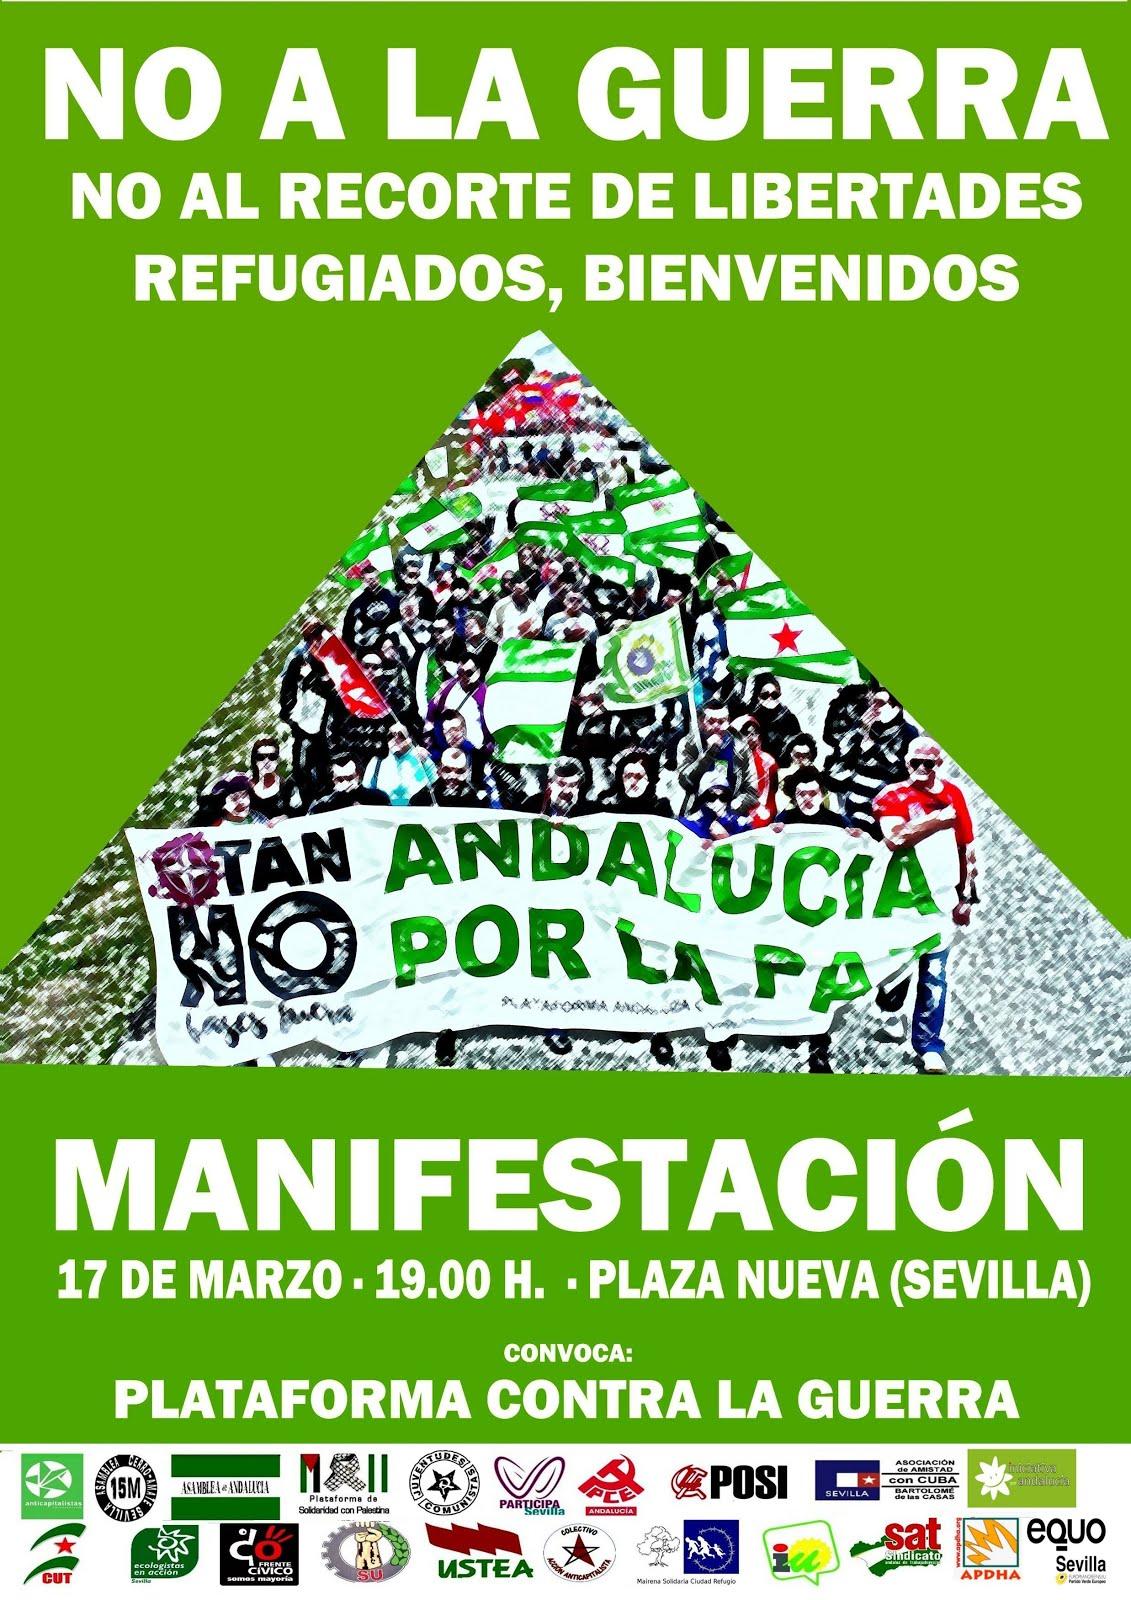 Manifestación 17 marzo: Andalucía por la paz